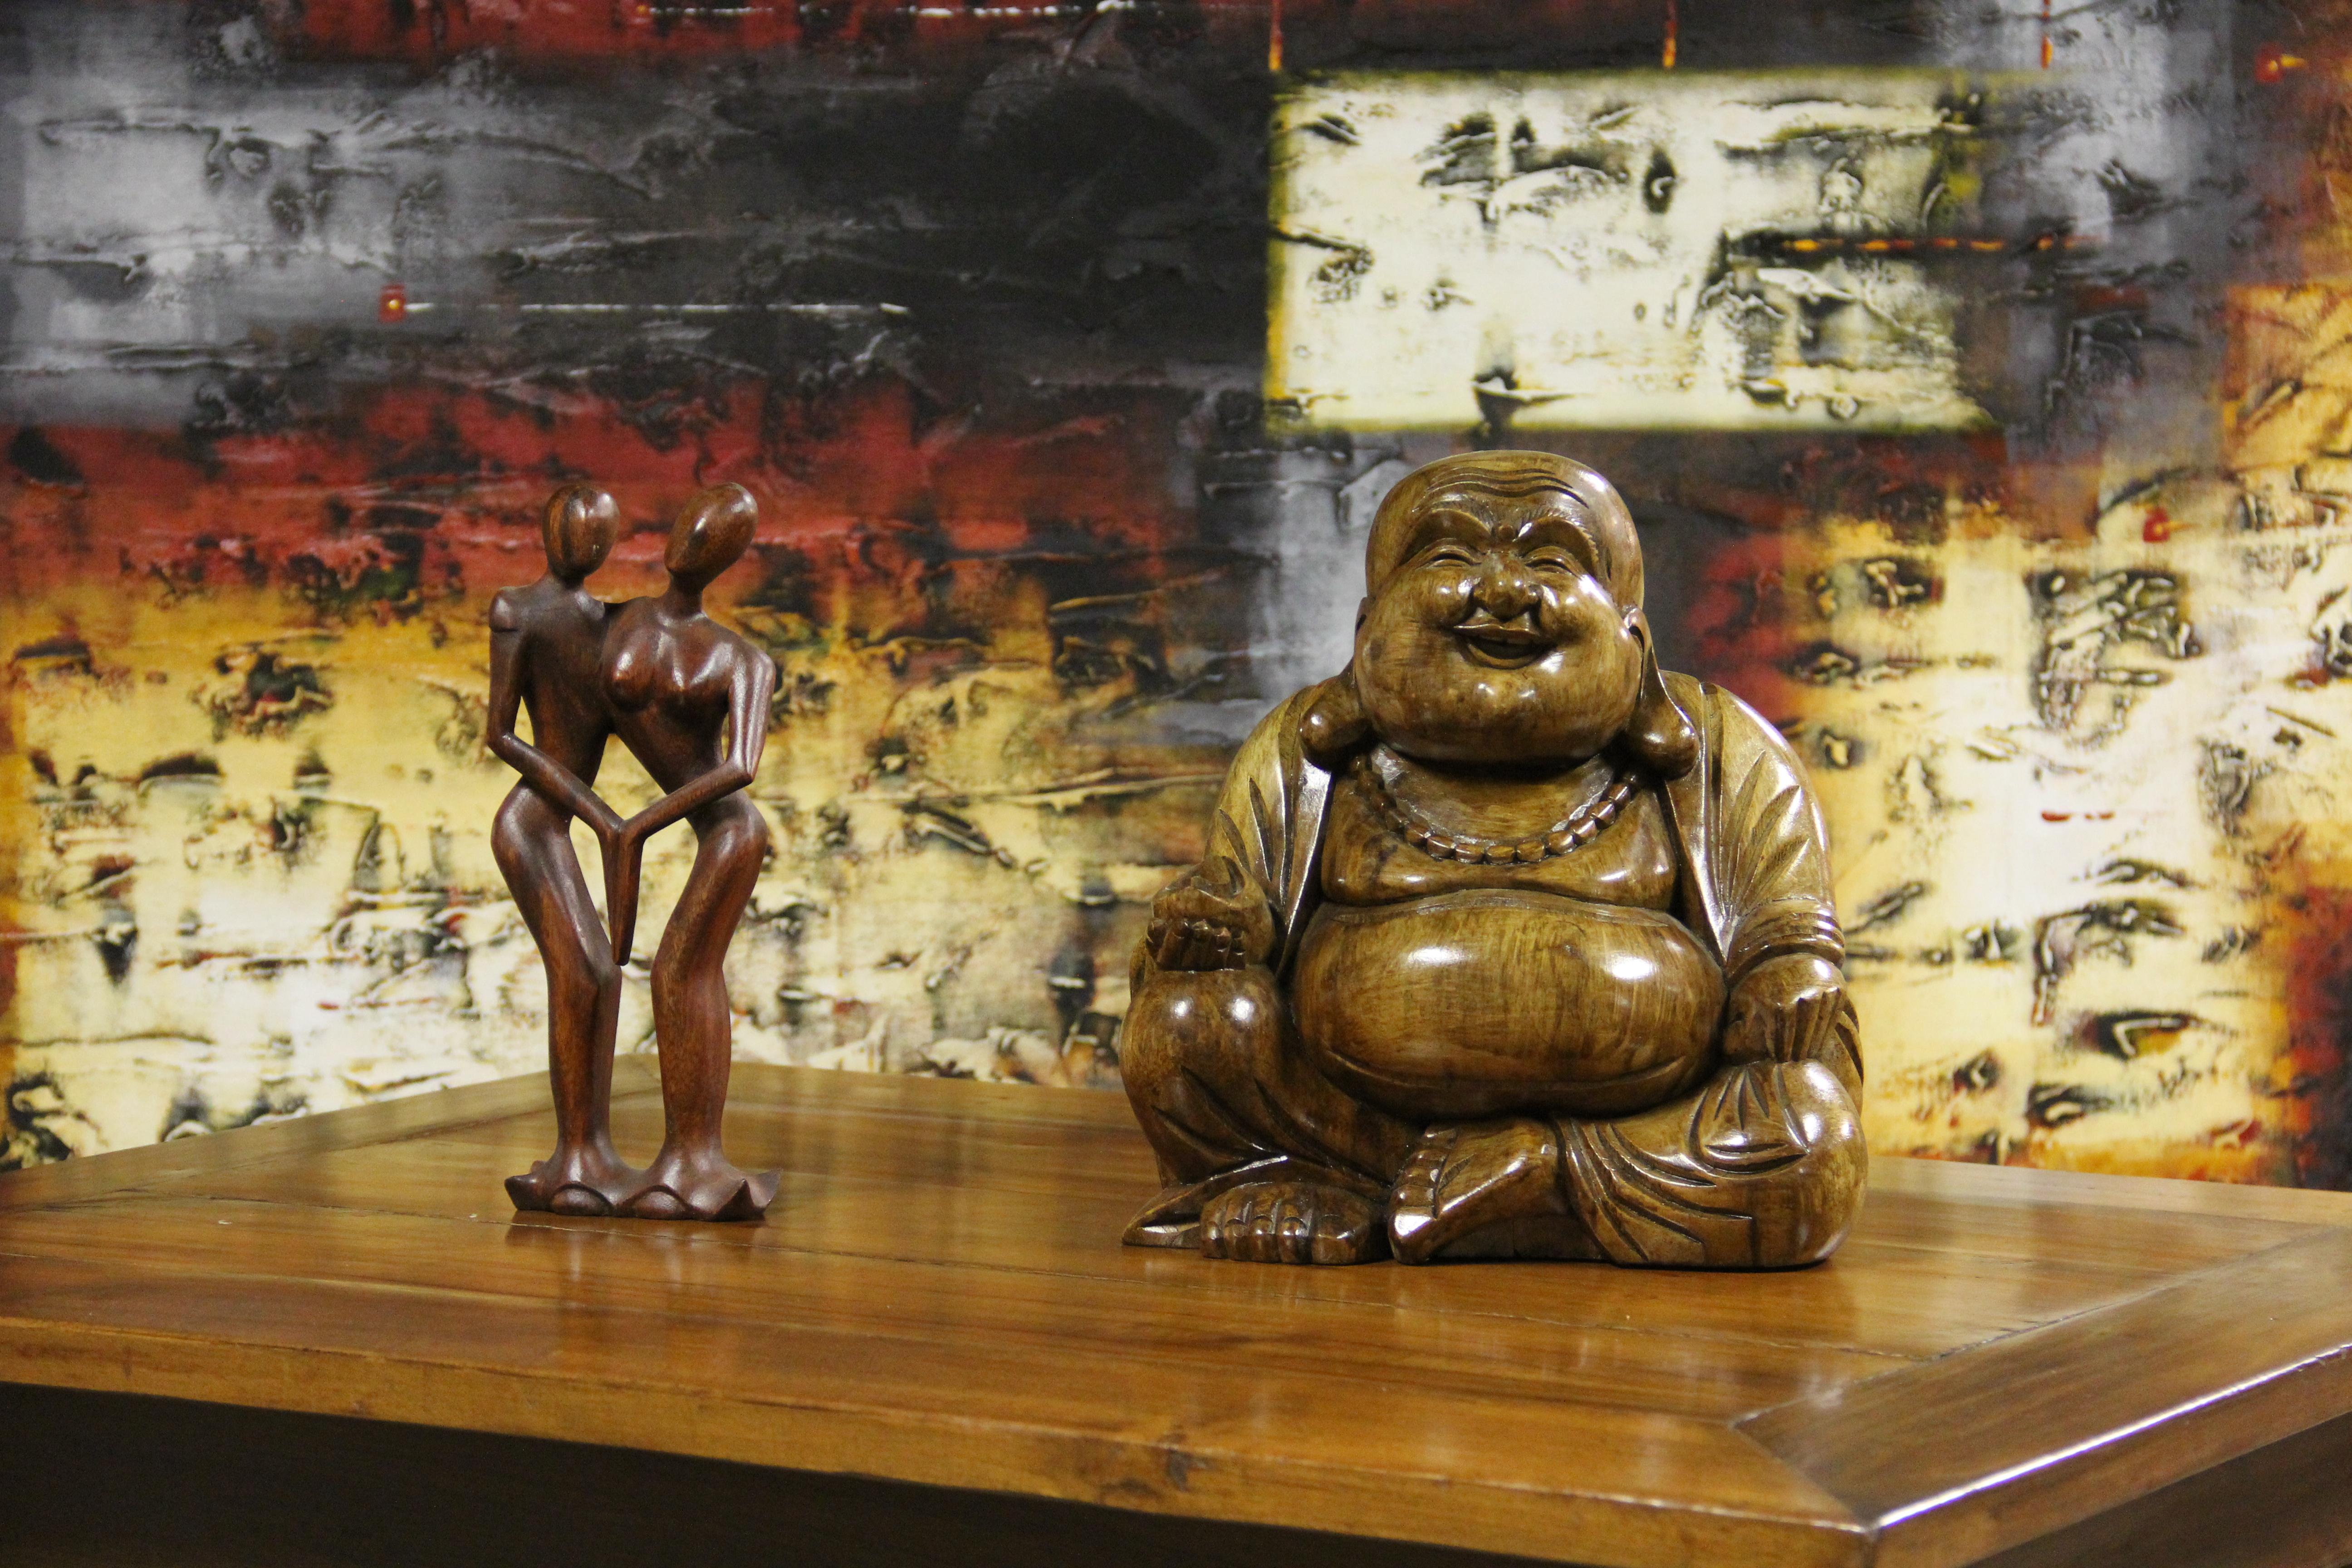 Buddha and Abstract Figures